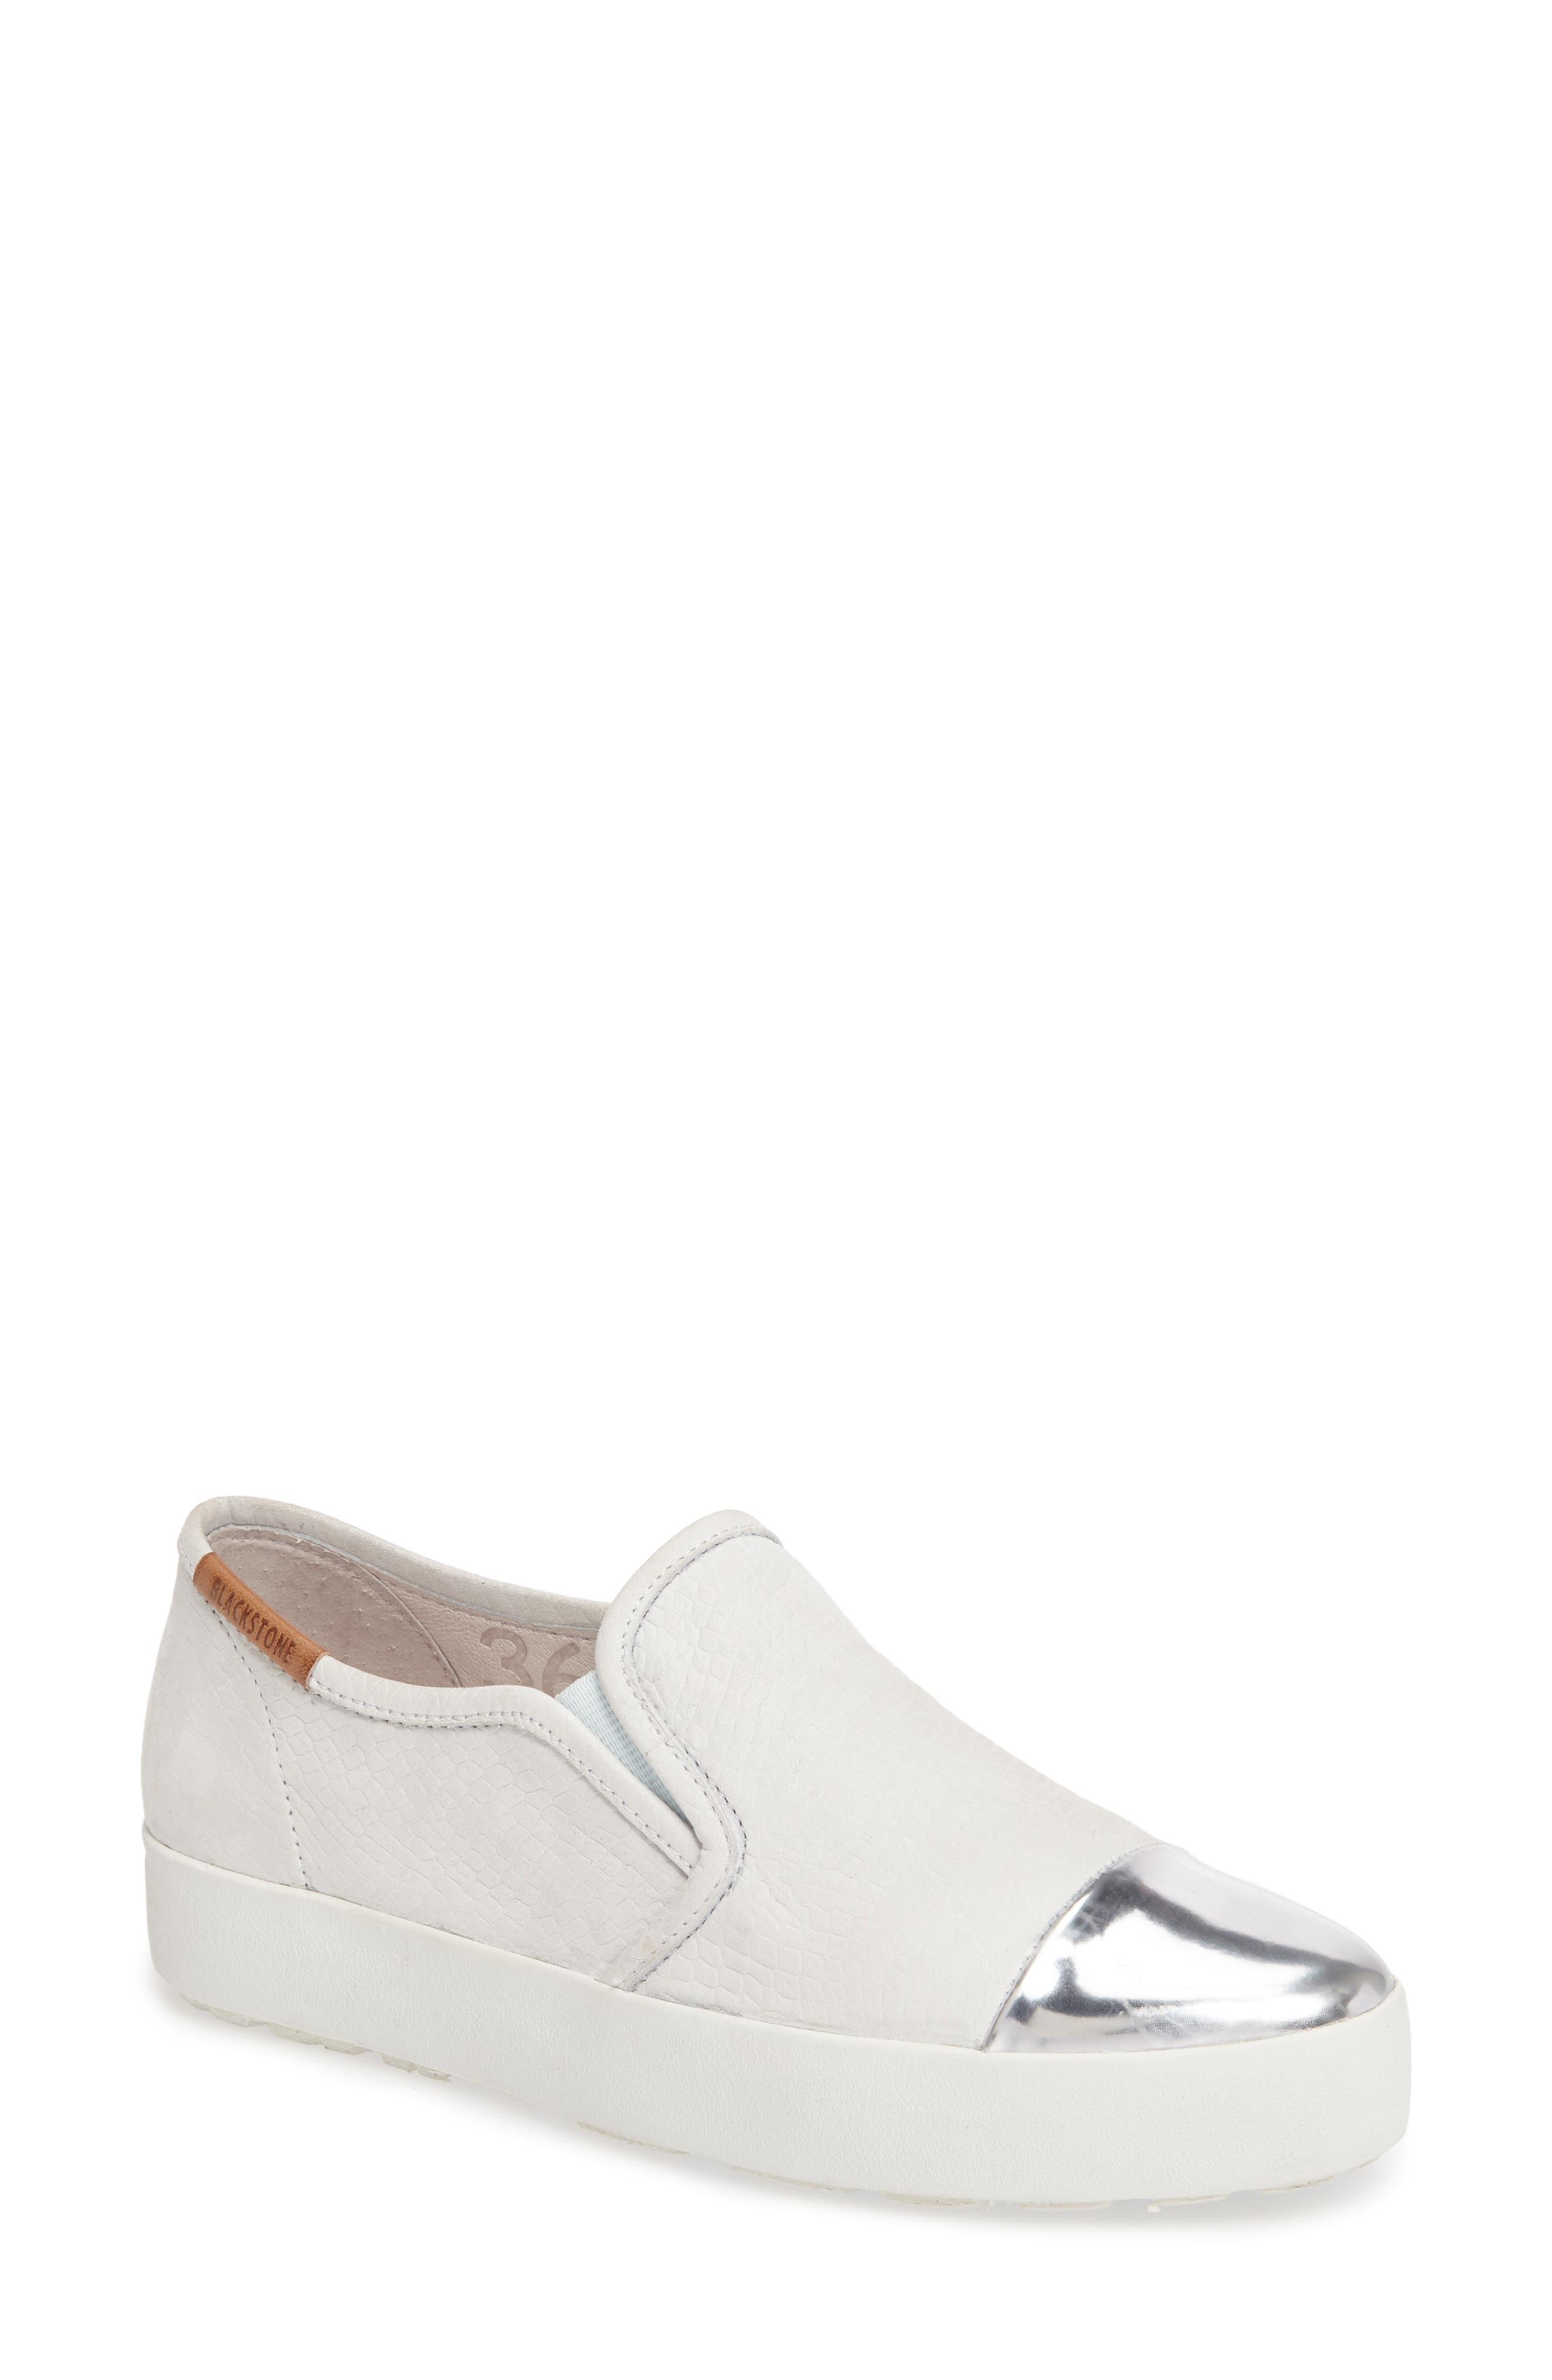 Alternate Image 1 Selected - Blackstone NL47 Slip-On Sneaker (Women)